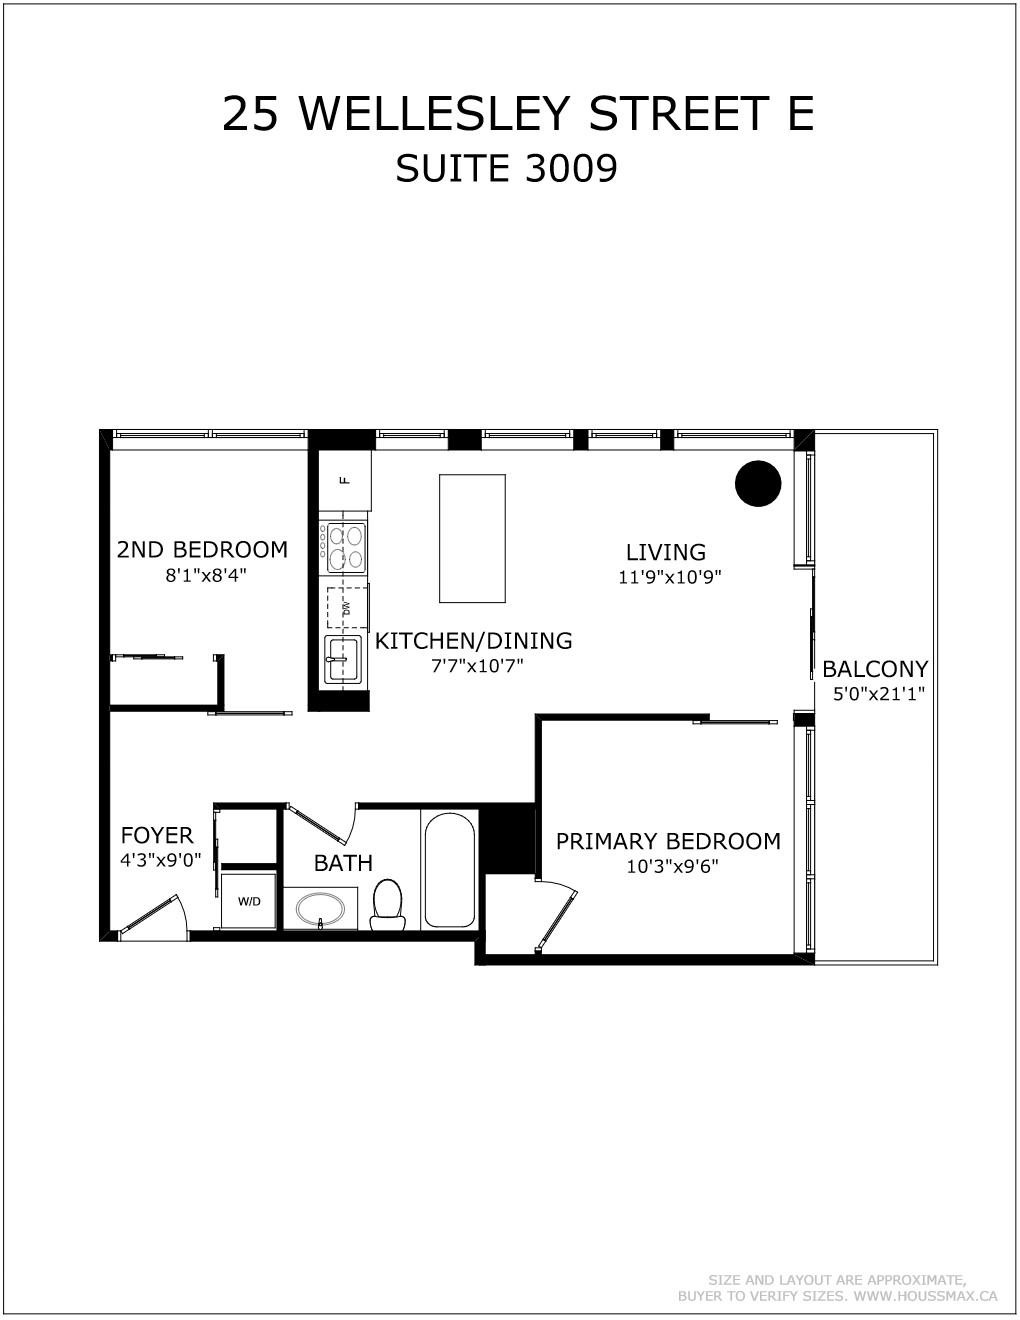 Floor plans for 28 Wellesley St E Unit 3009.